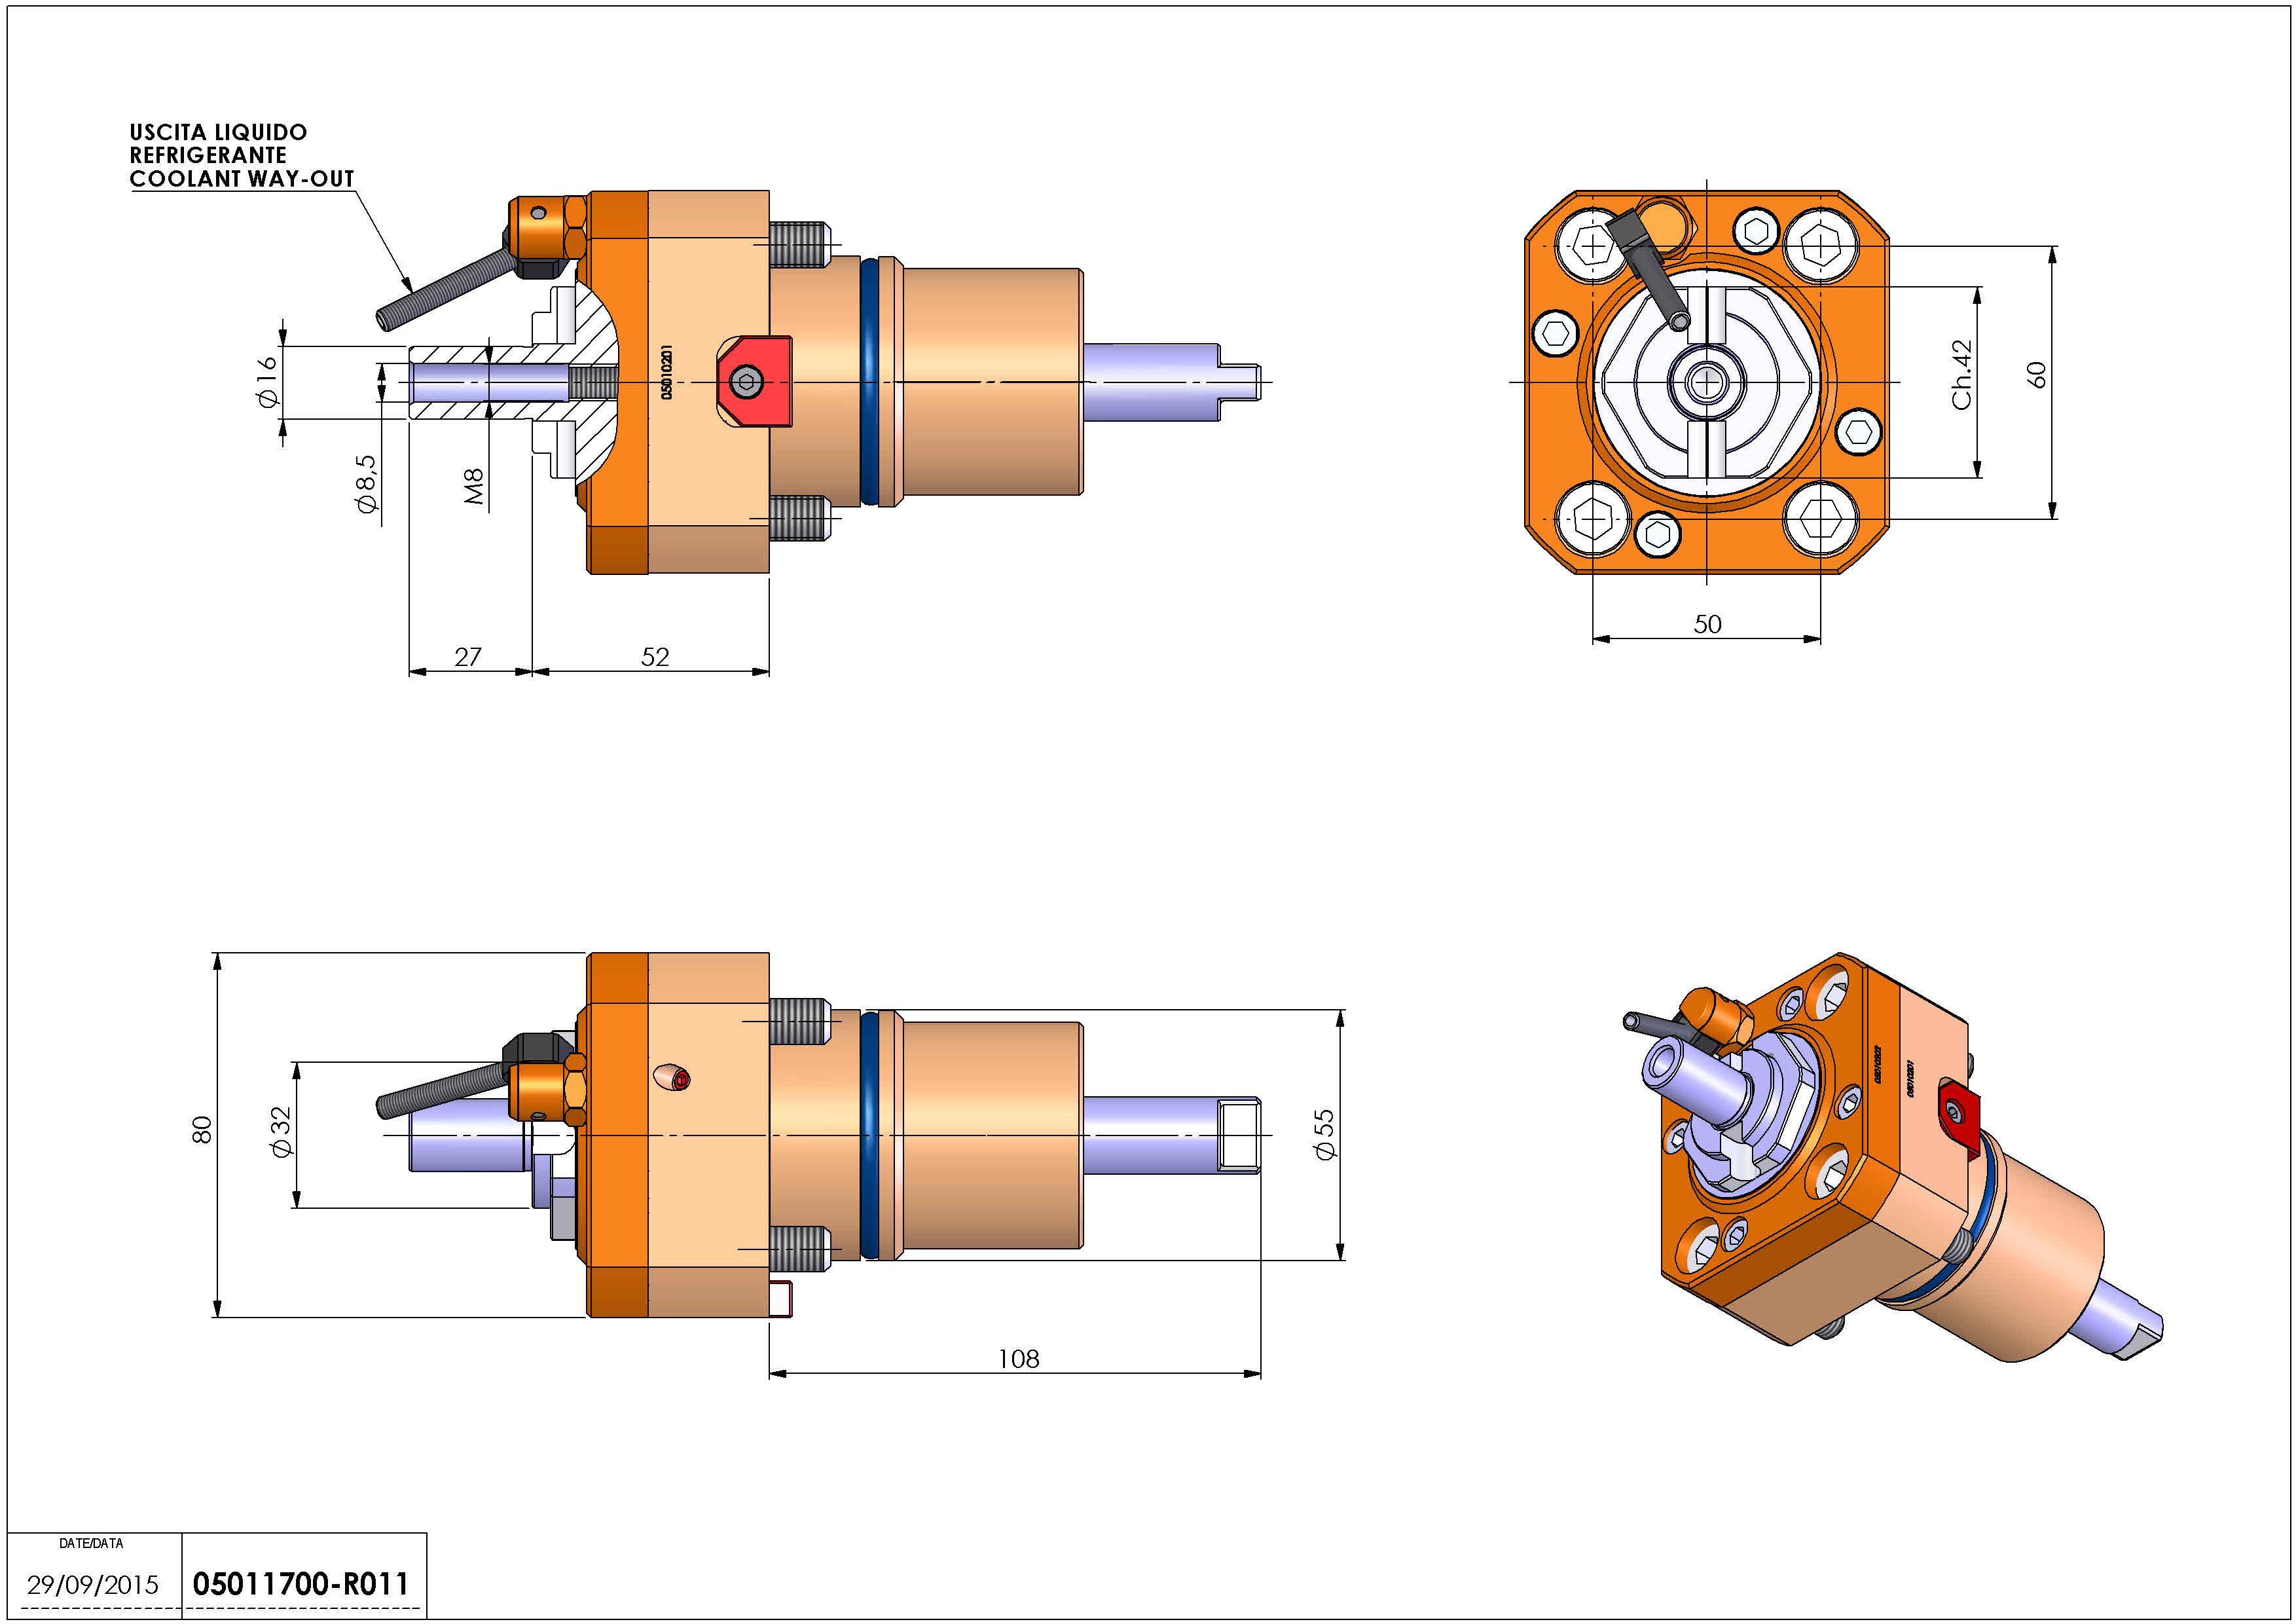 Technical image - LT-S D55 DIN138-16 H52 NK.